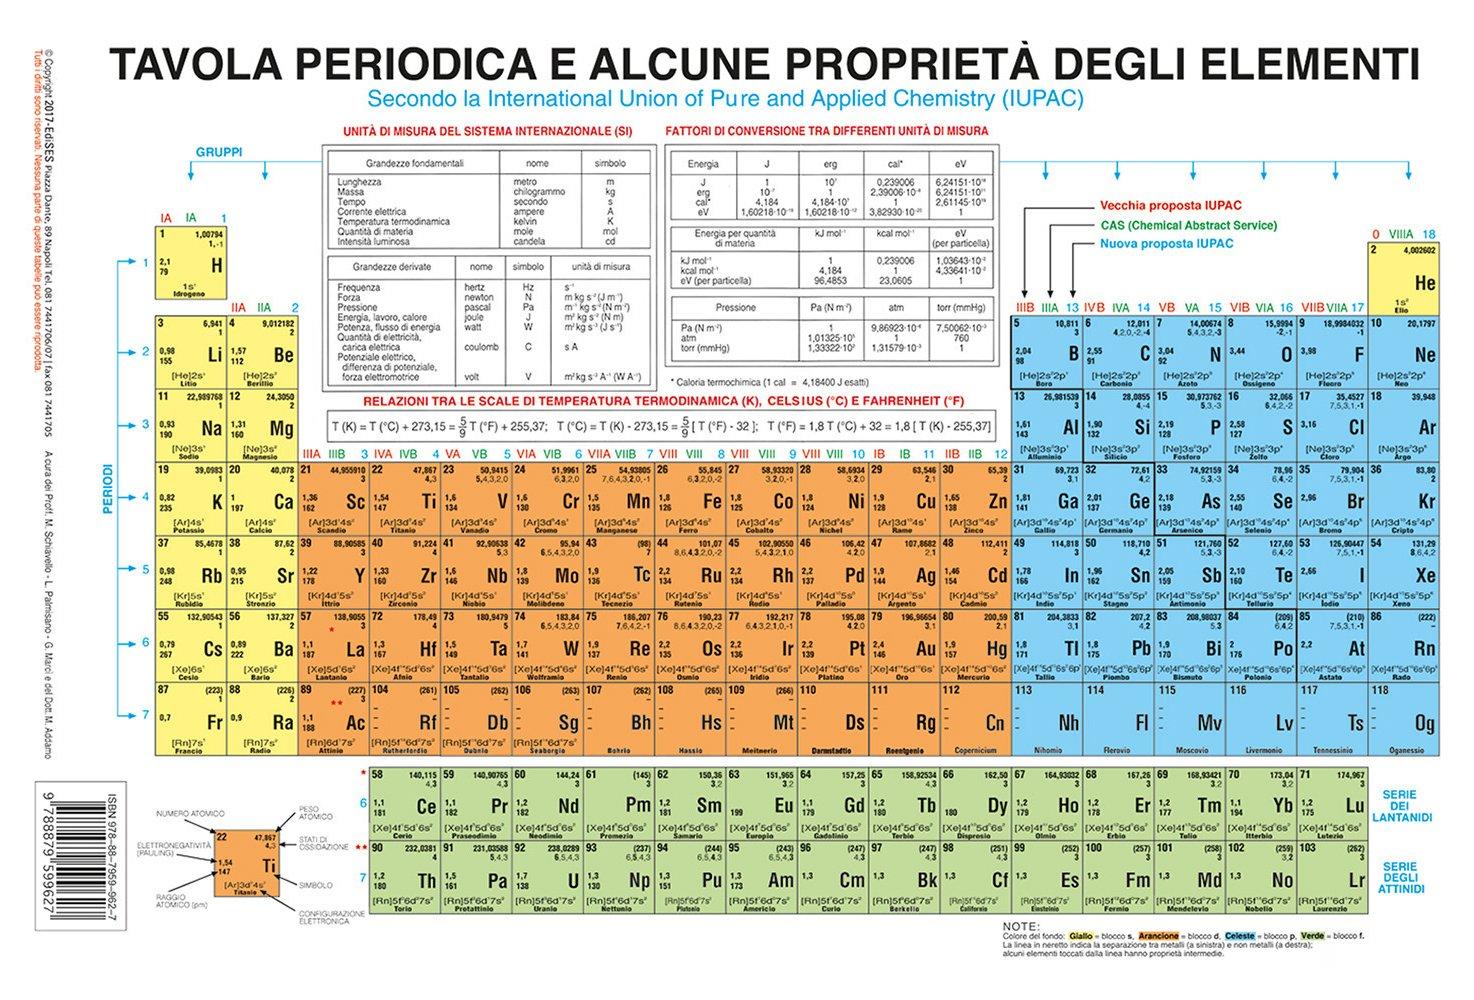 Tavola periodica lo schema pu ampliarsi all 39 infinito zz7 curiosit news ed informazioni - Mendeleev e la tavola periodica ...